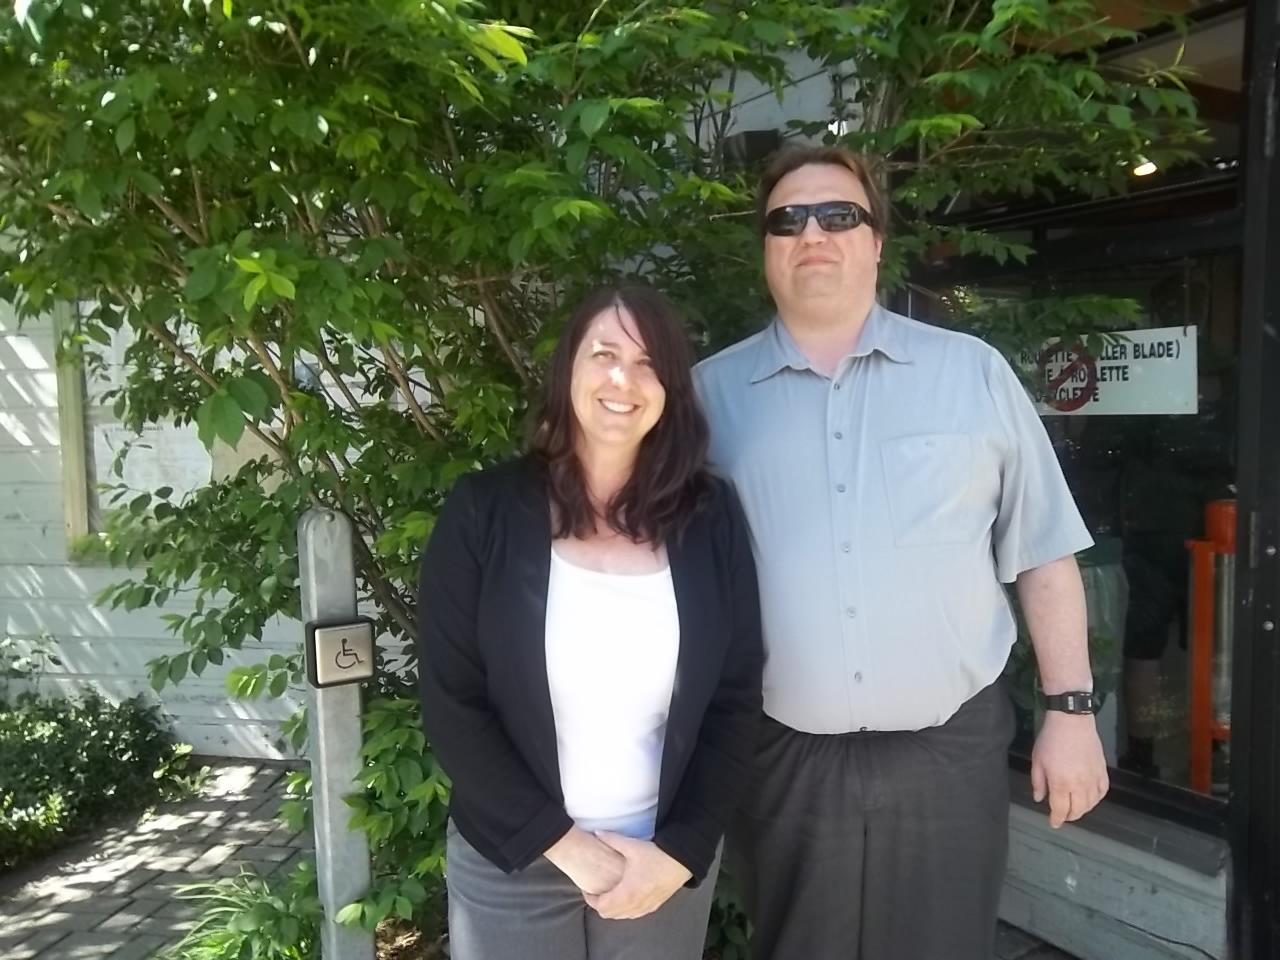 Karine Laprise et Martin Morin lors de la Semaine québécoise des personnes handicapées qui a eu lieu le 7 juin 2016 au Pavillon d'accueil du parc Michel-Chartrand situé à Longueuil.